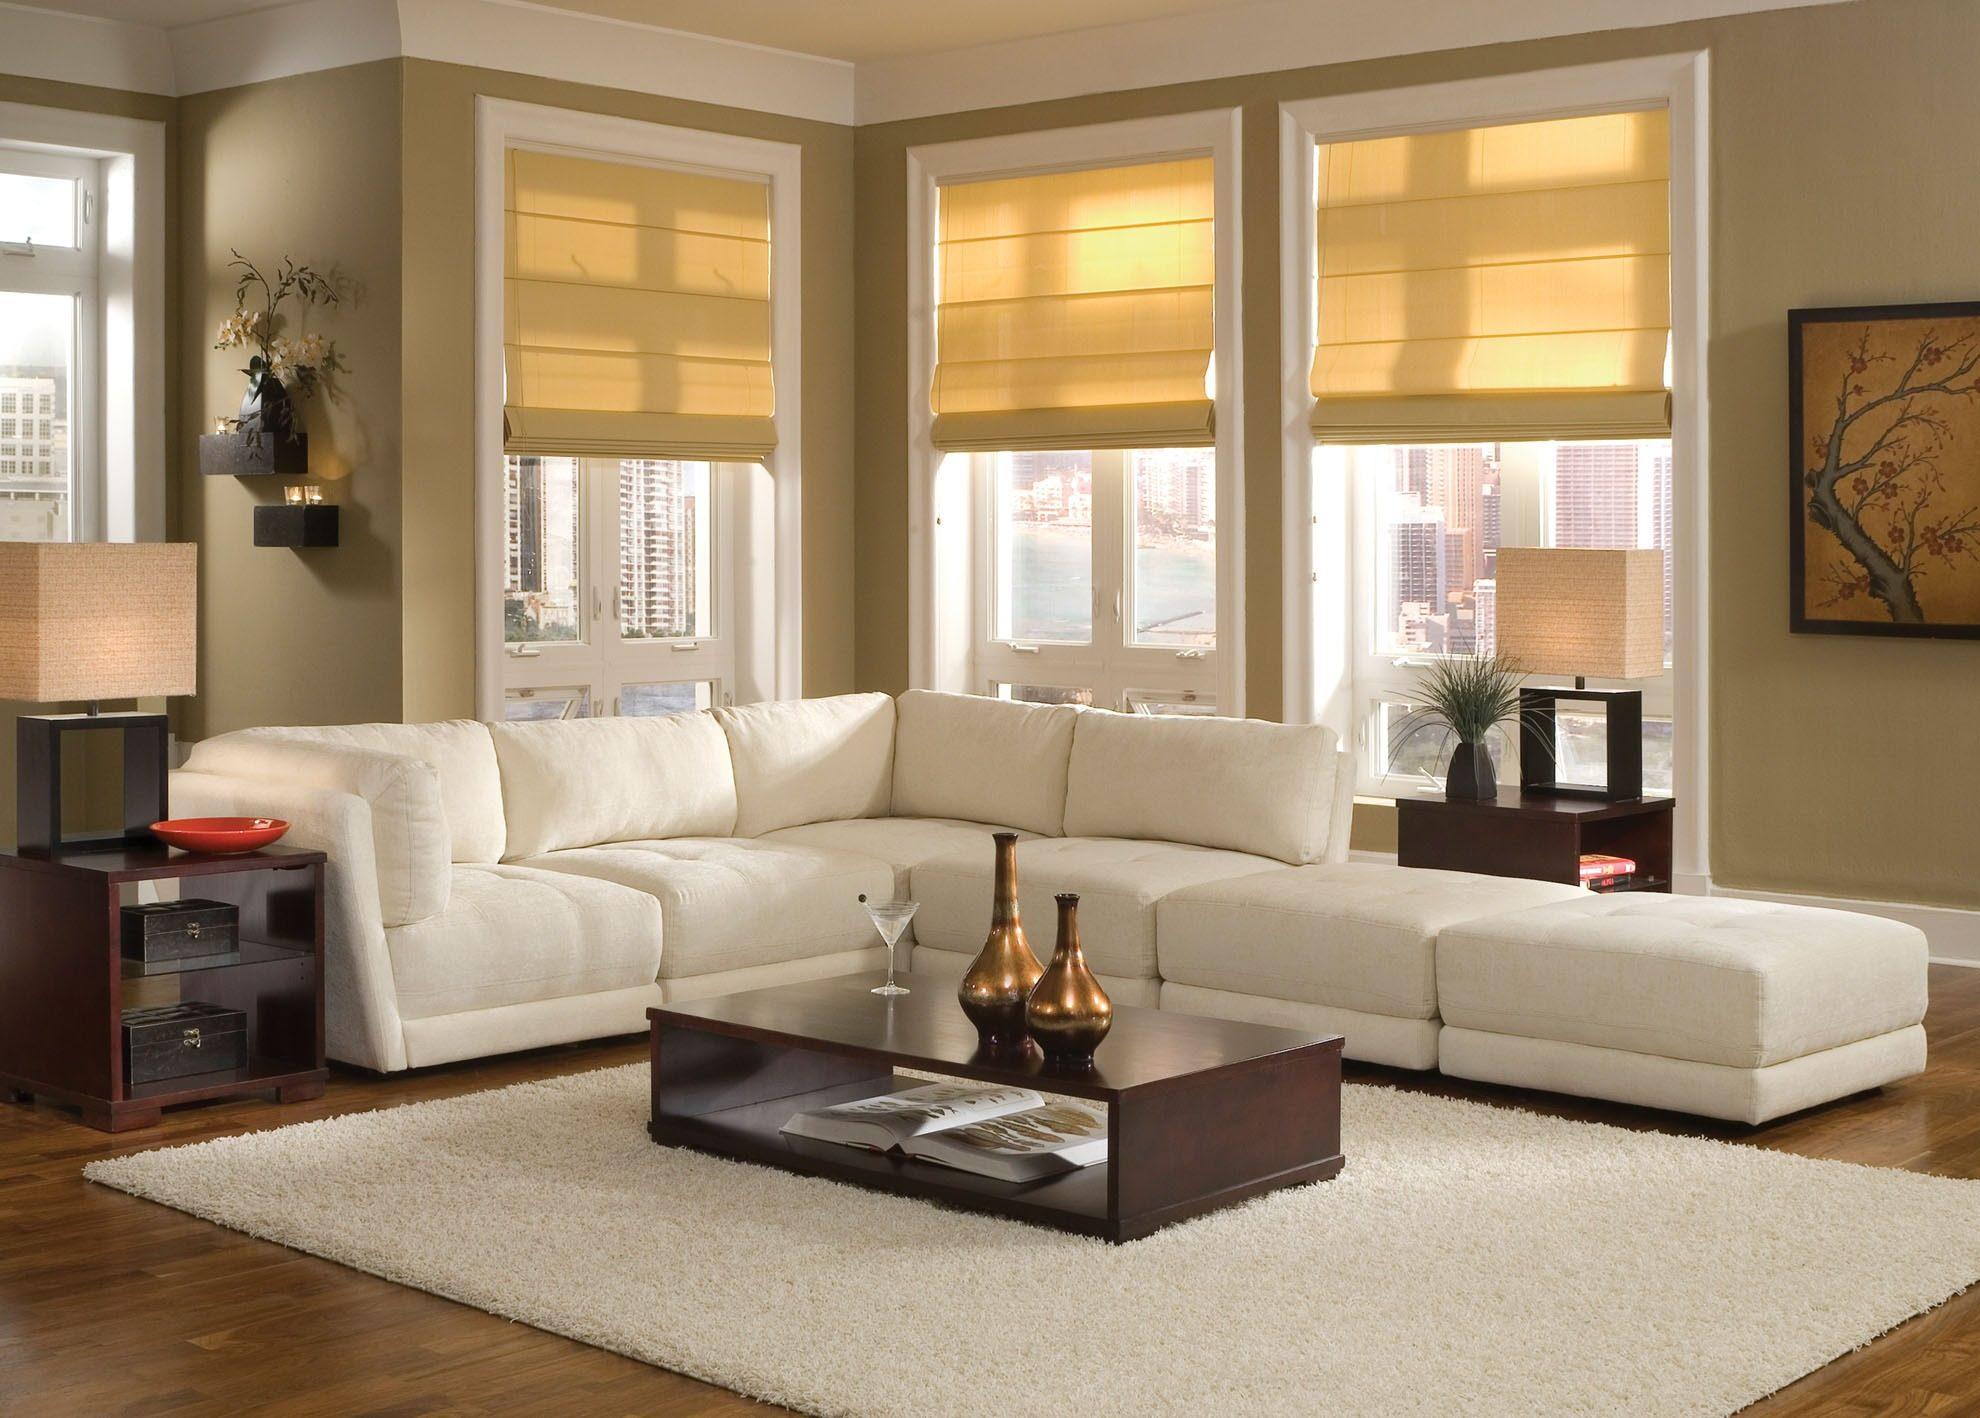 دکوراسیون منزل با مبلمان سفید